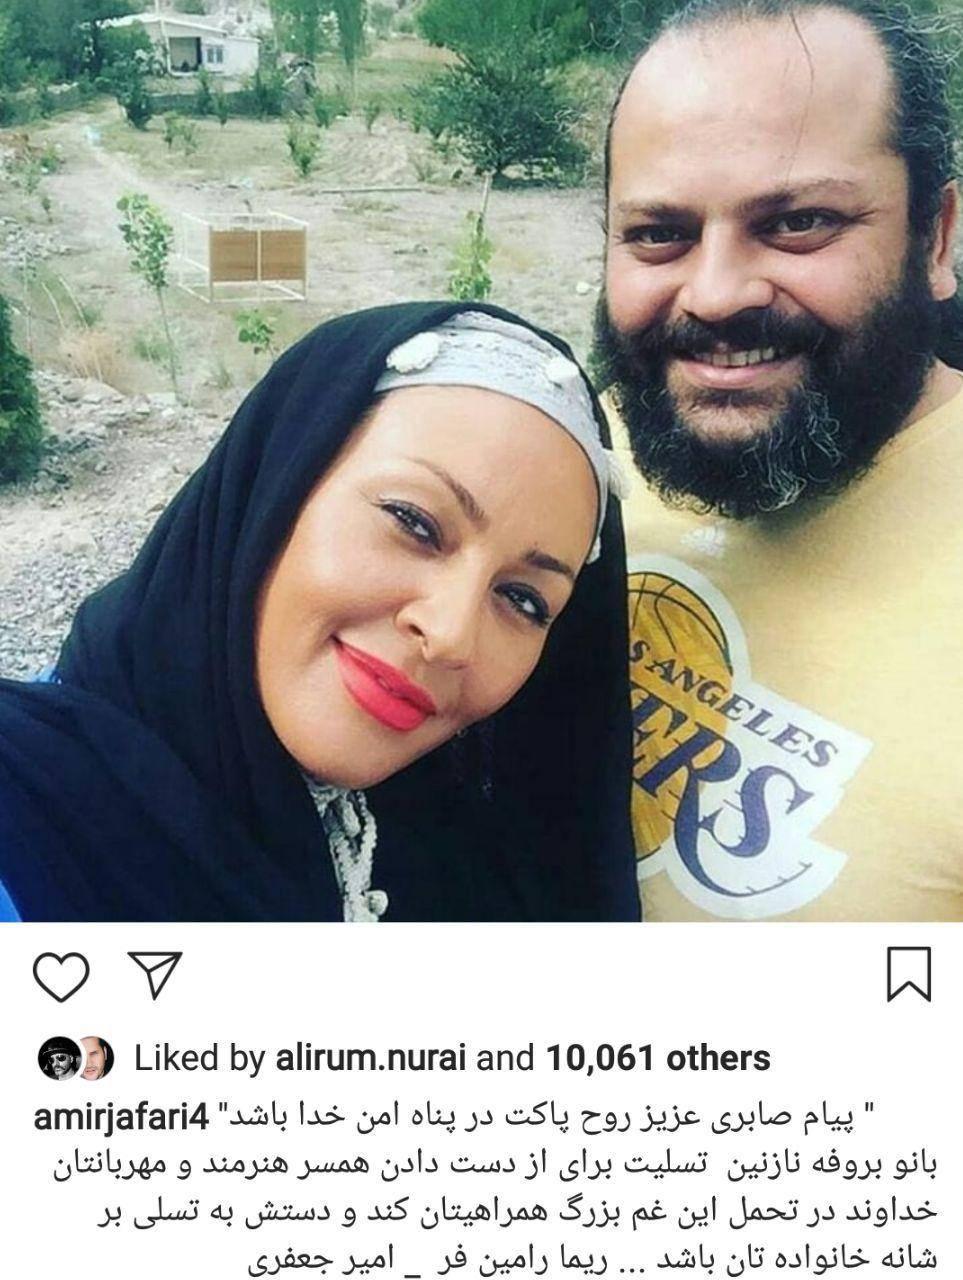 واکنش چهرهها به درگذشت پیام صابری,اخبار هنرمندان,خبرهای هنرمندان,اخبار بازیگران